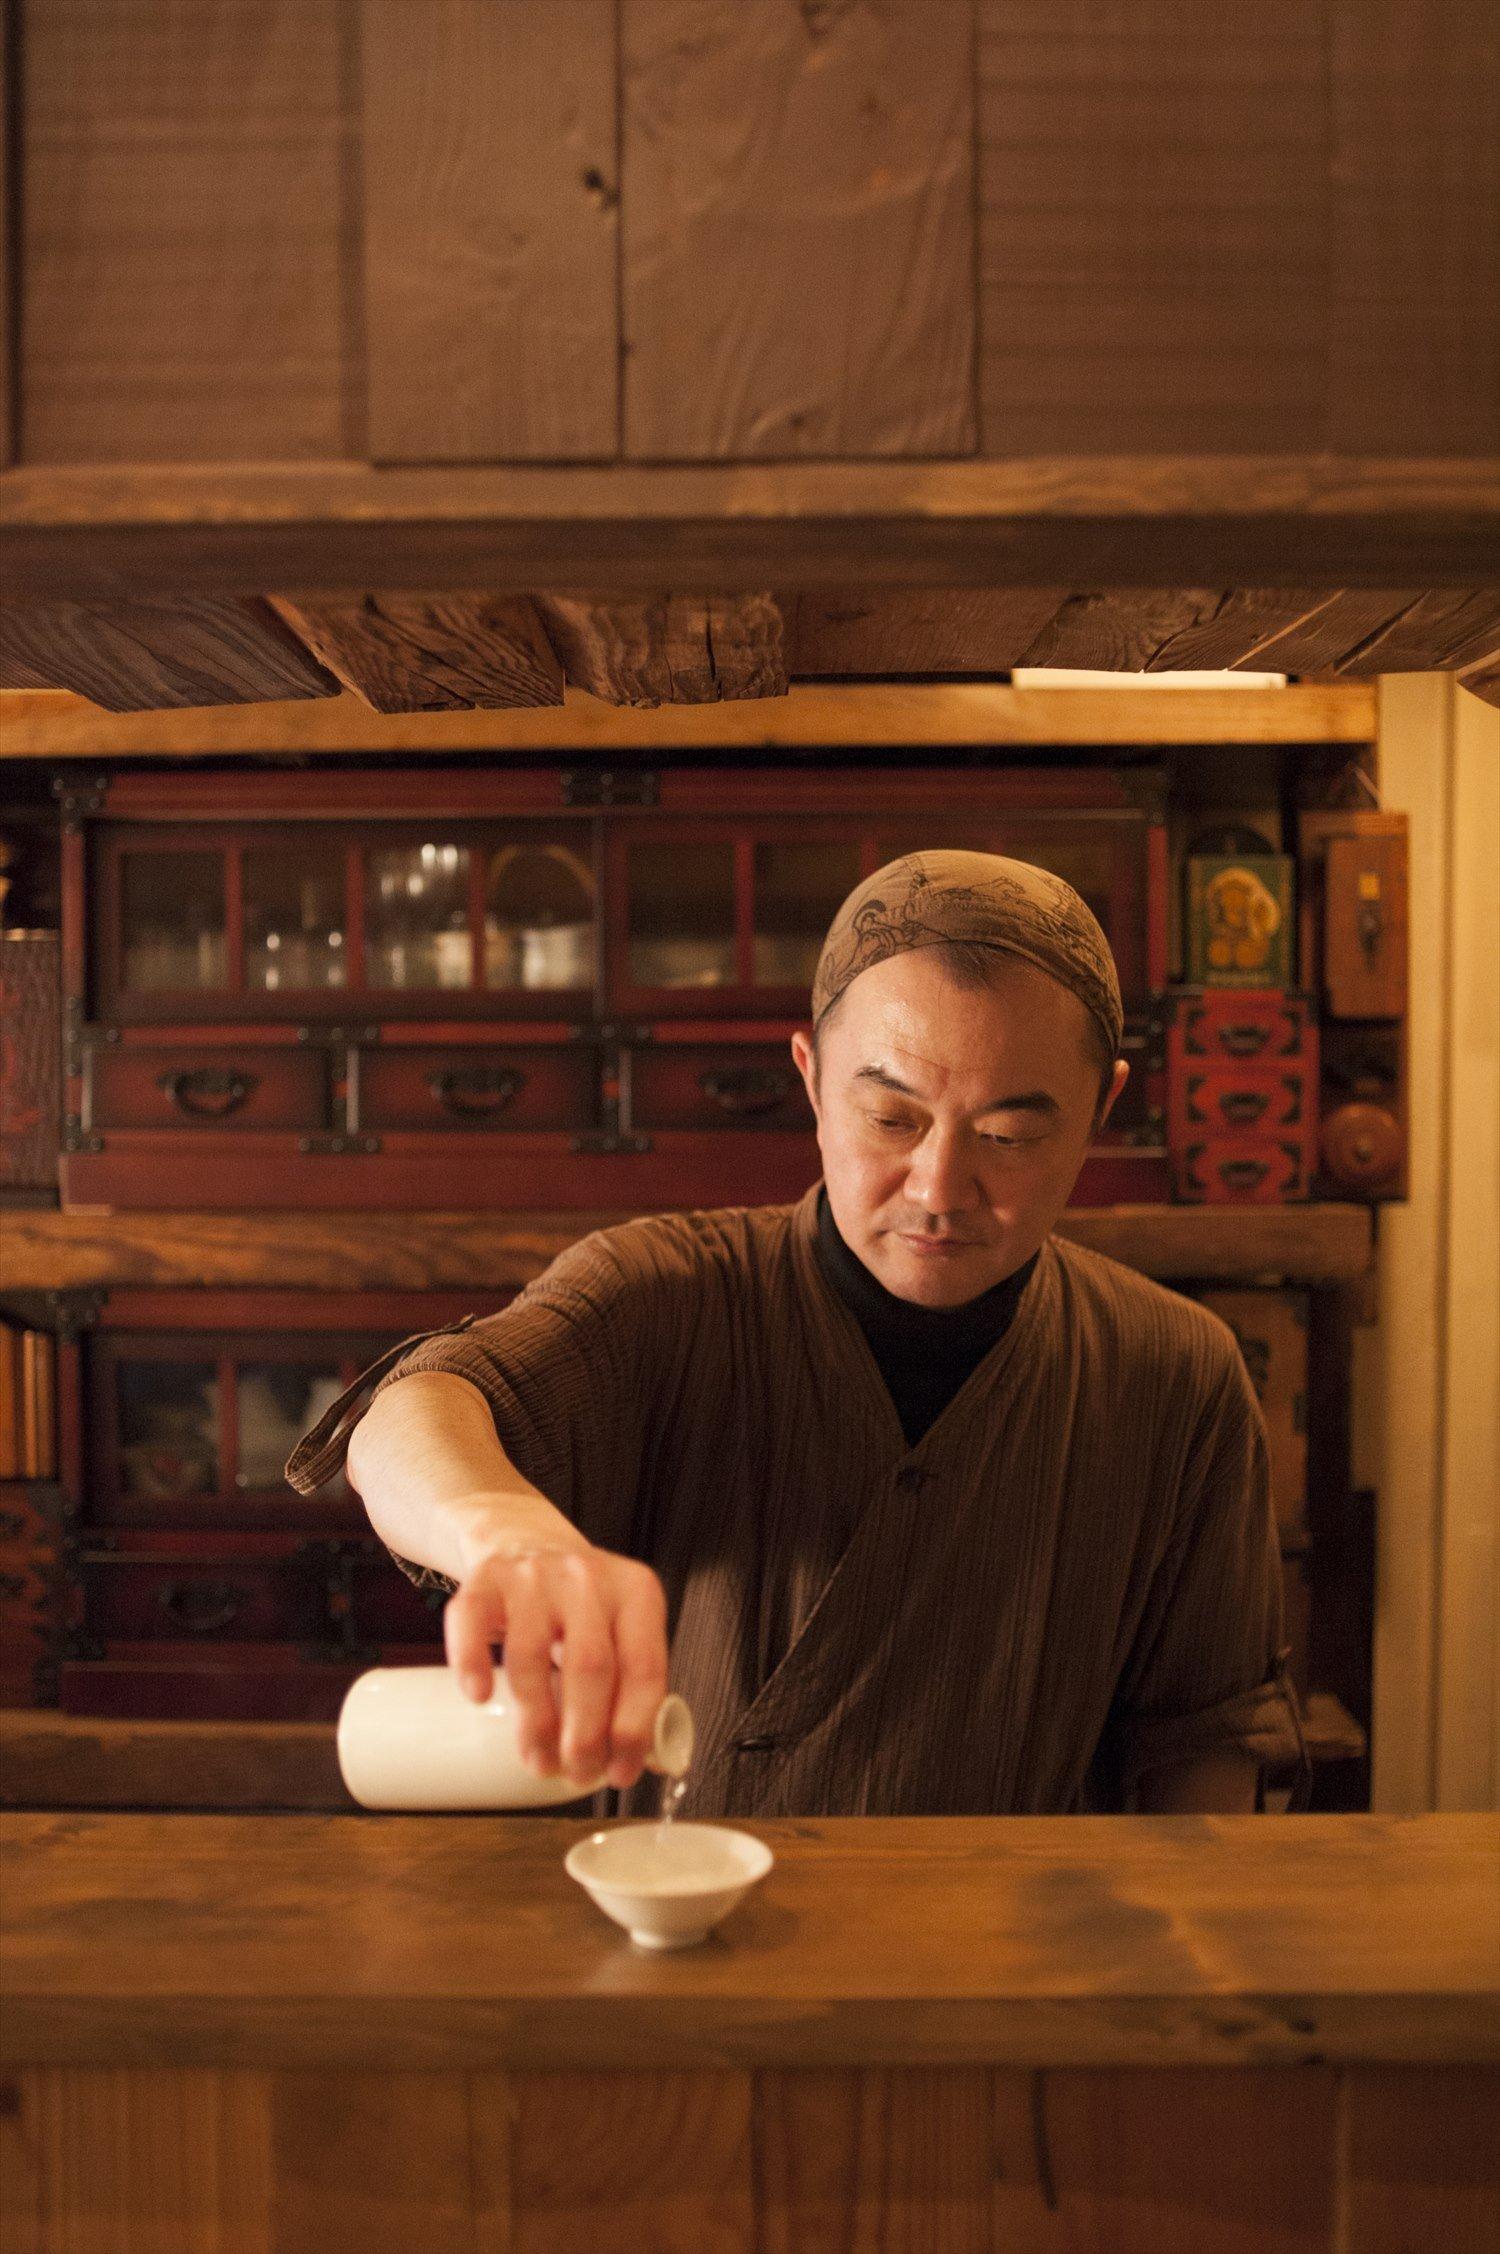 青森県出身の店主、今悟さんがつける燗酒は体に優しく染みわたる。